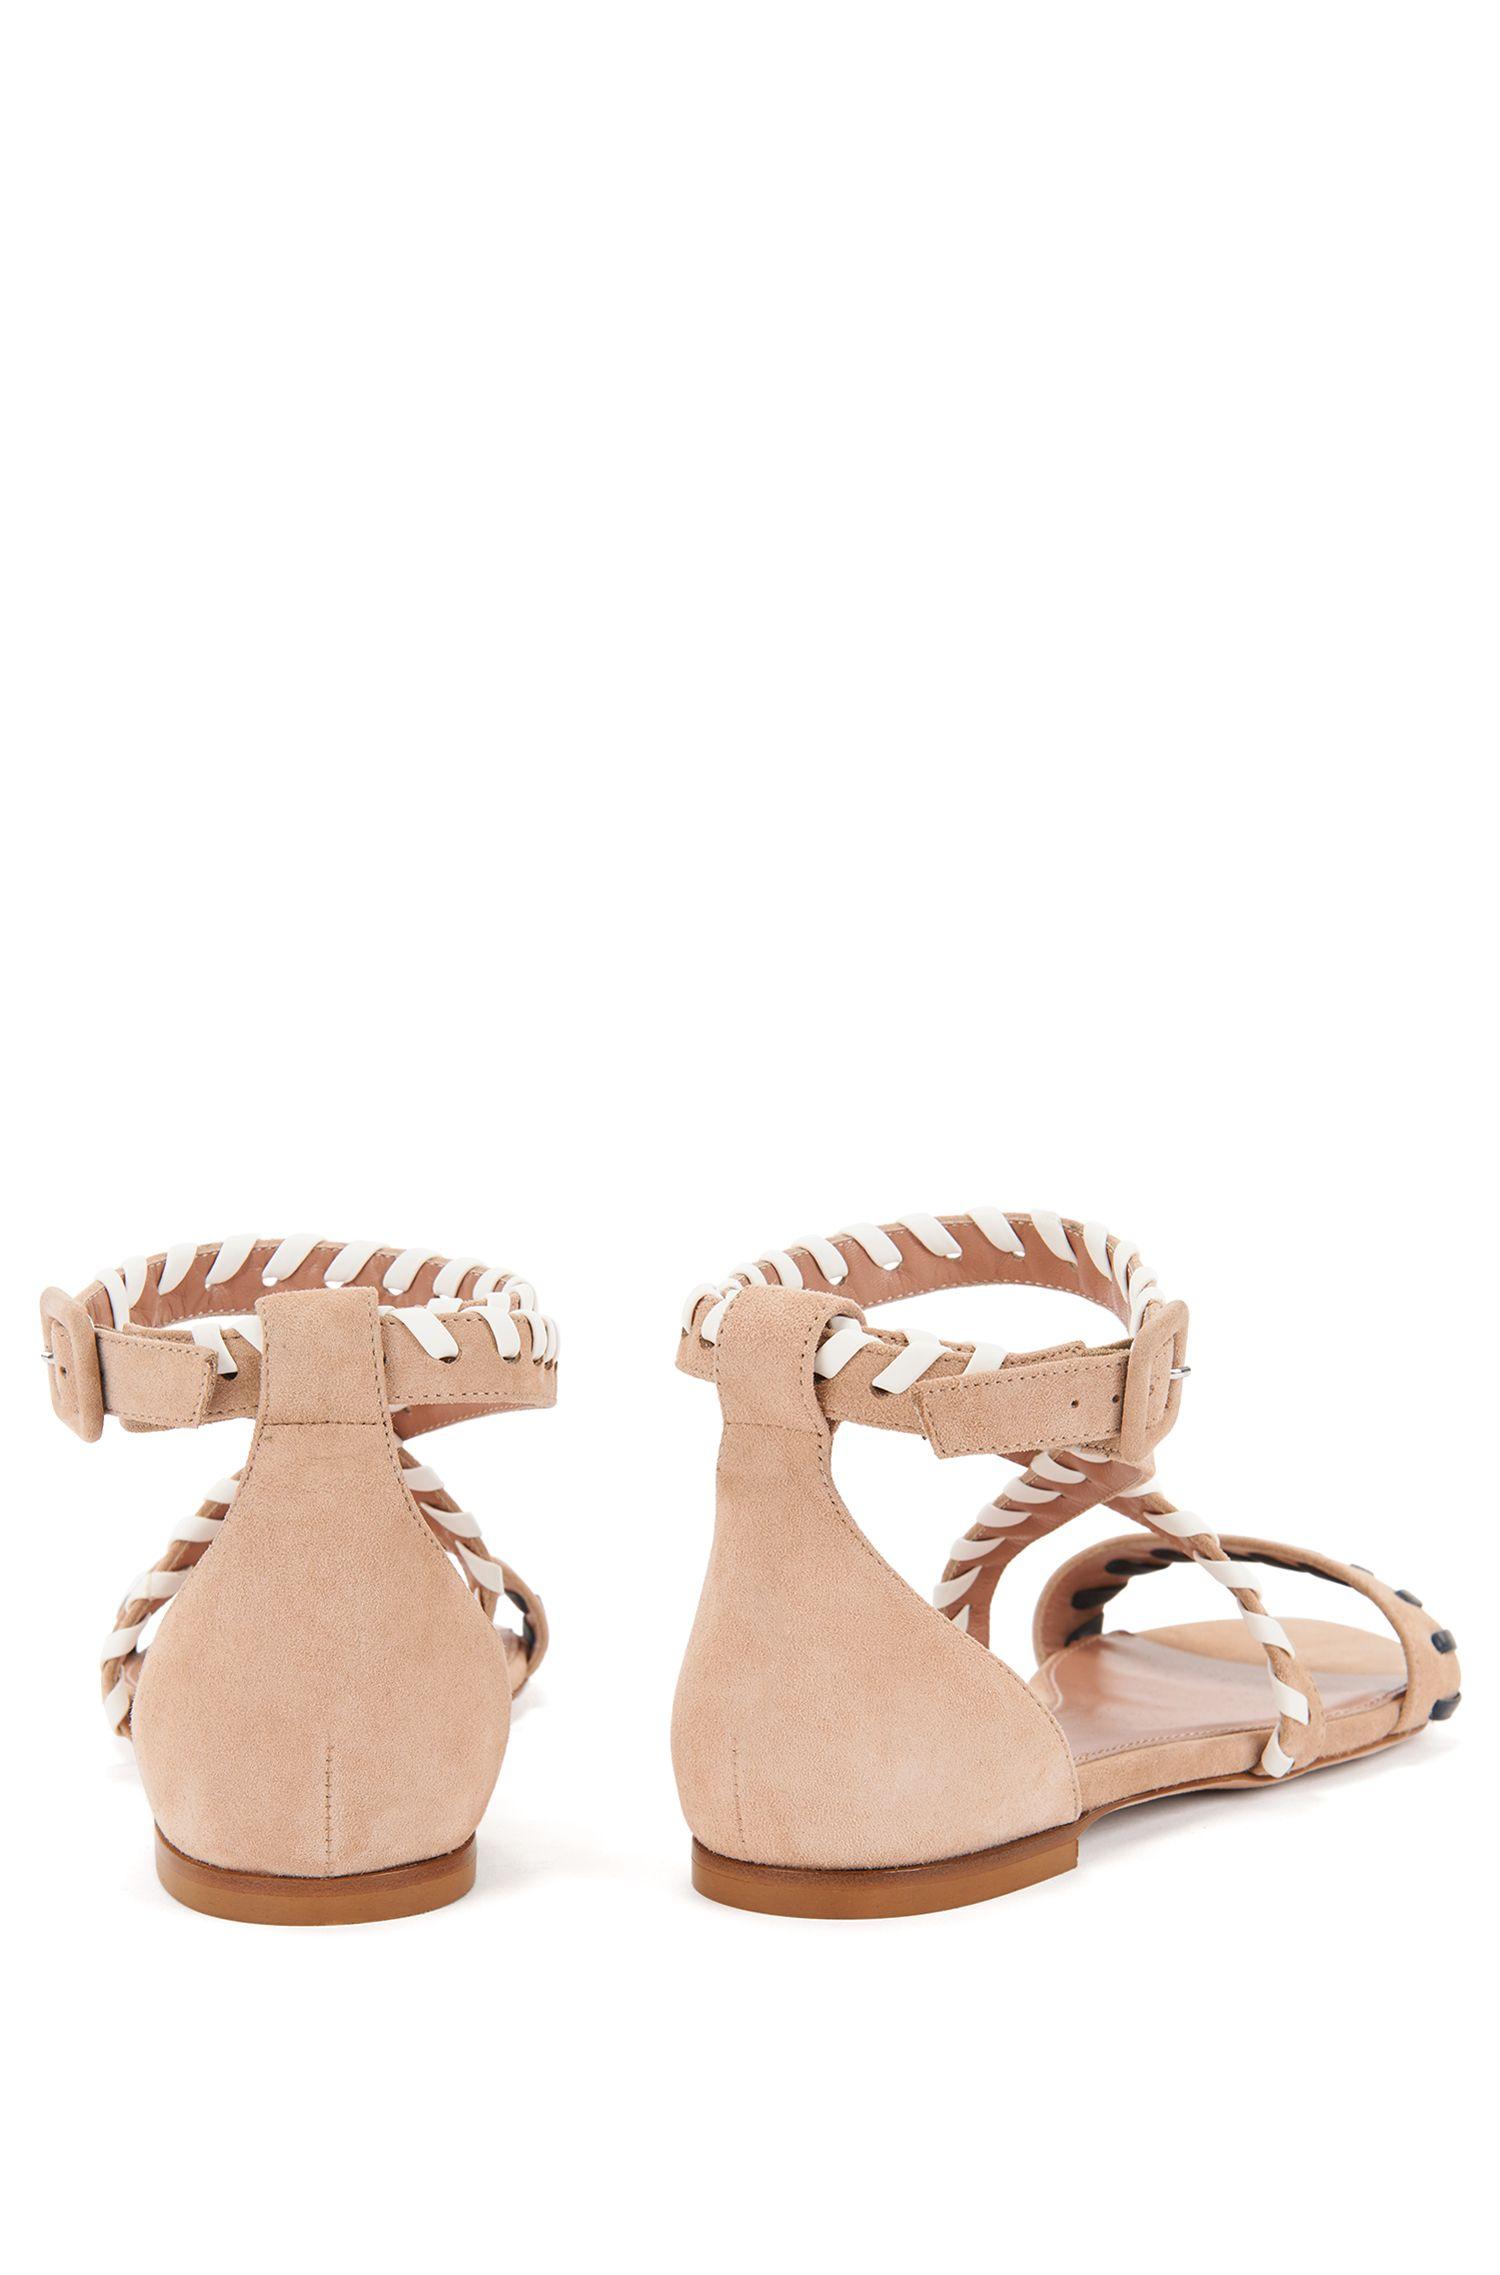 Sandalias planas de ante con pespuntes